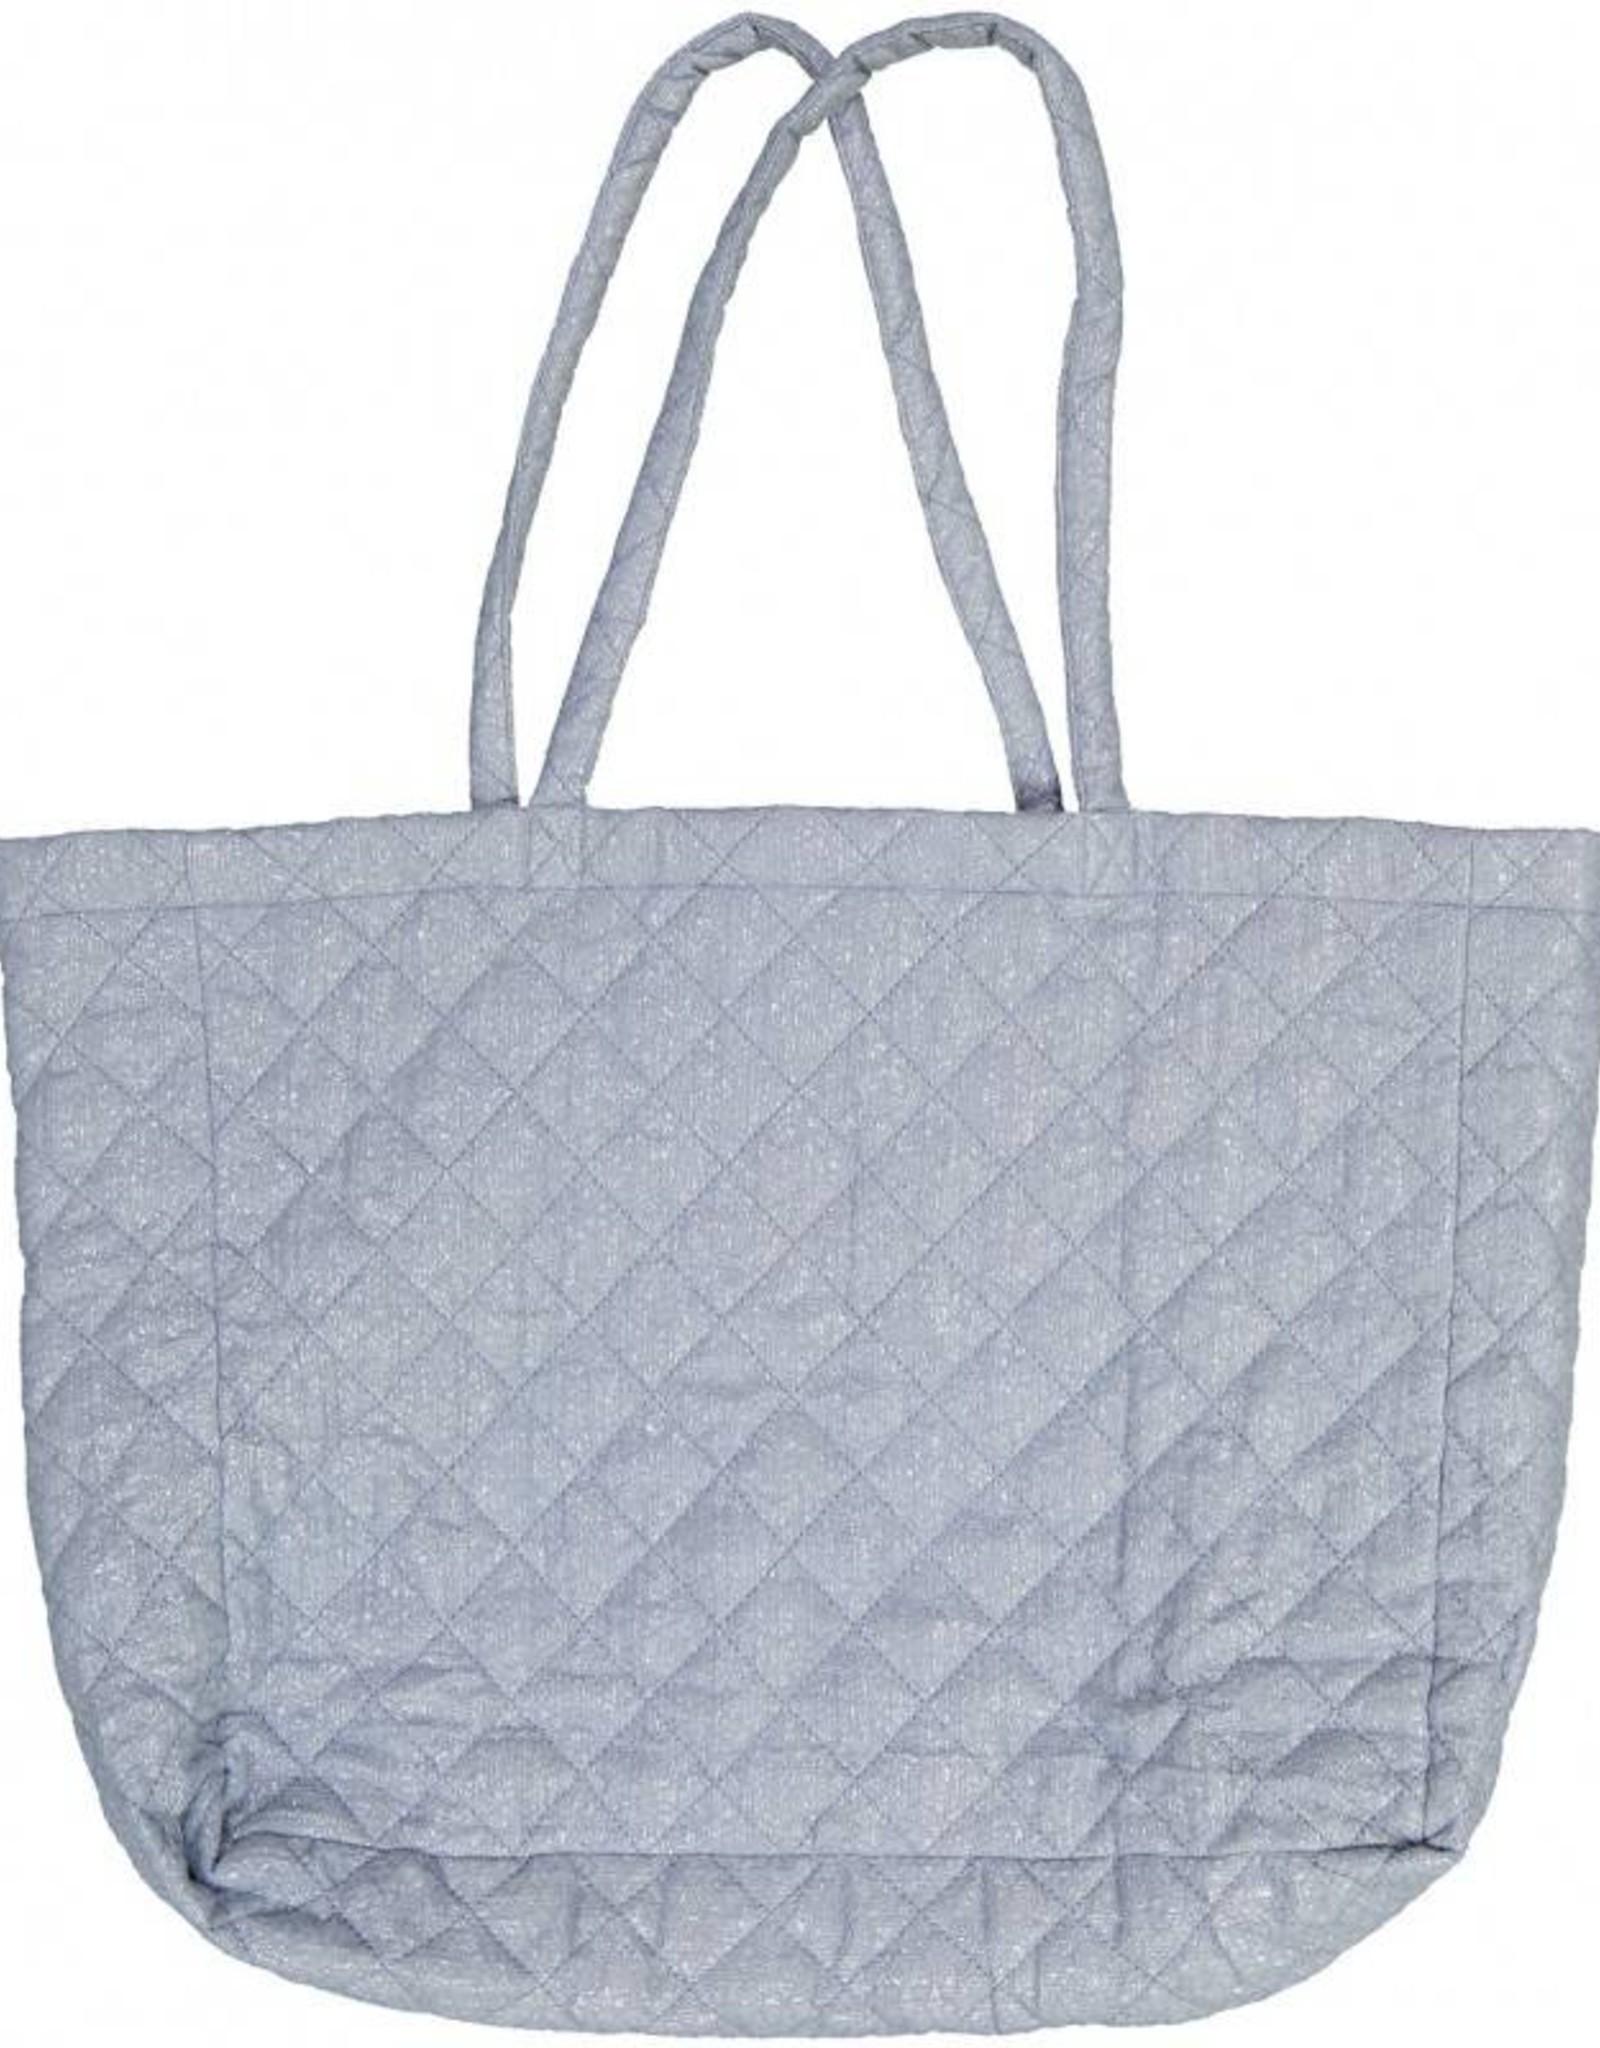 Parlementia bag, silver blue